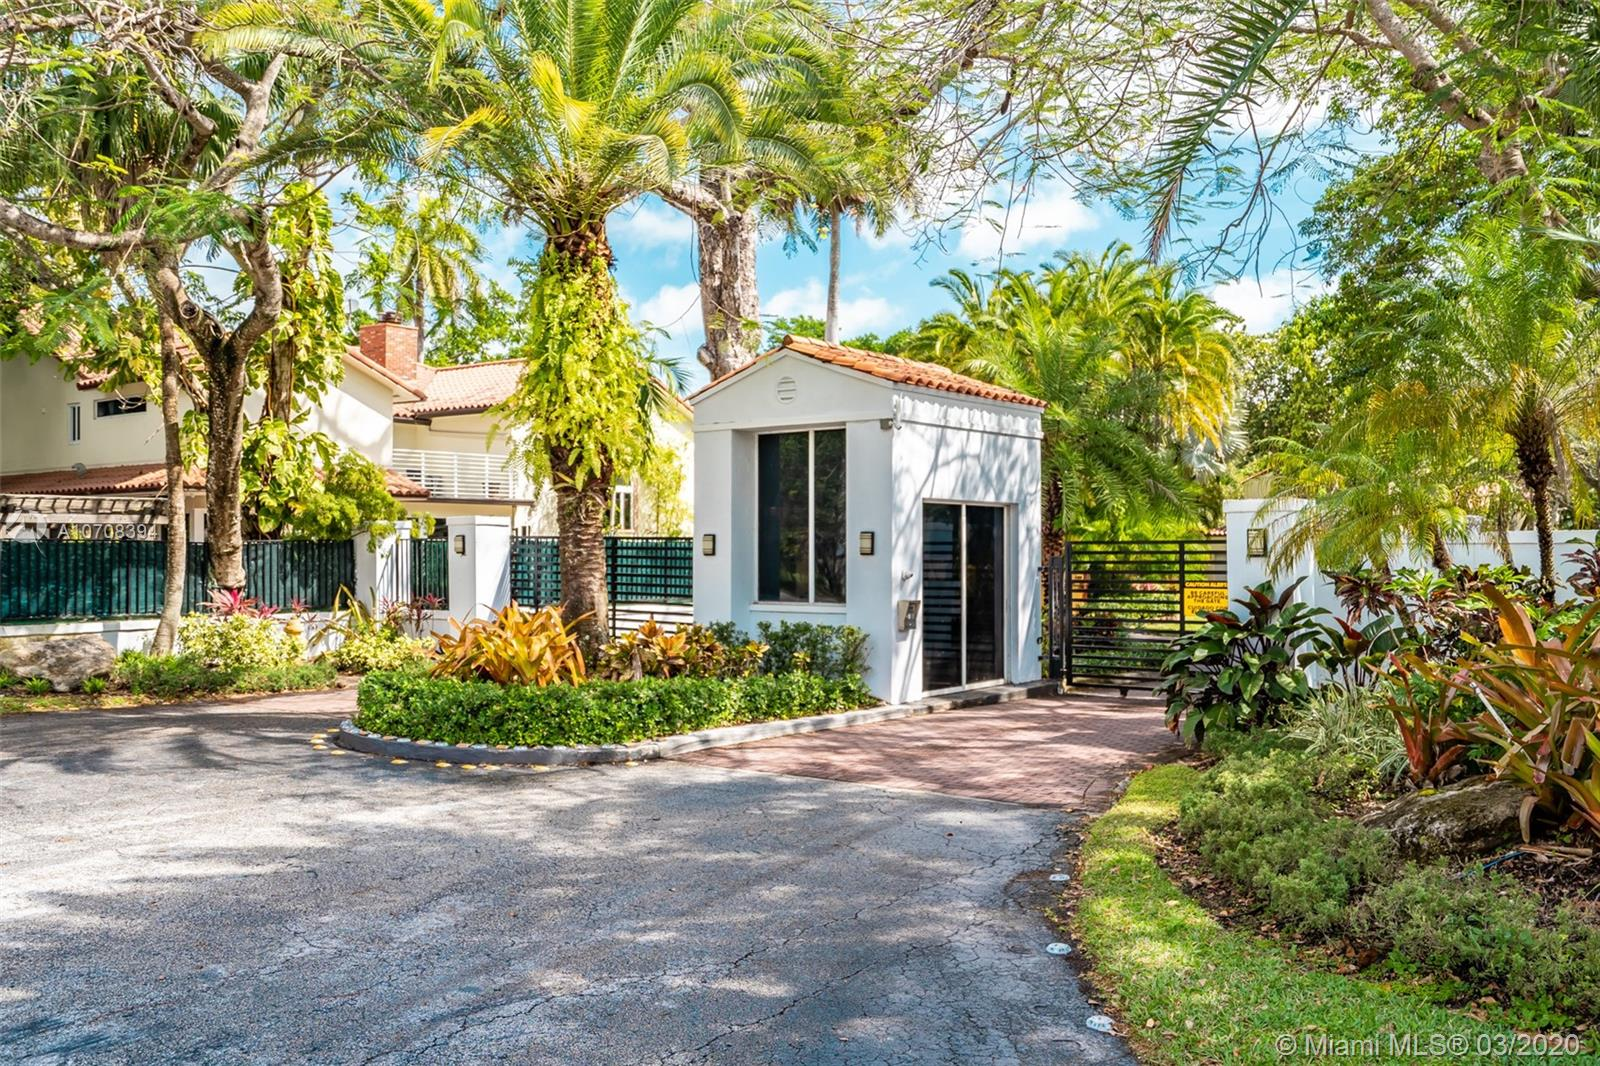 6619 Mimosa Ct, South Miami, FL 33143